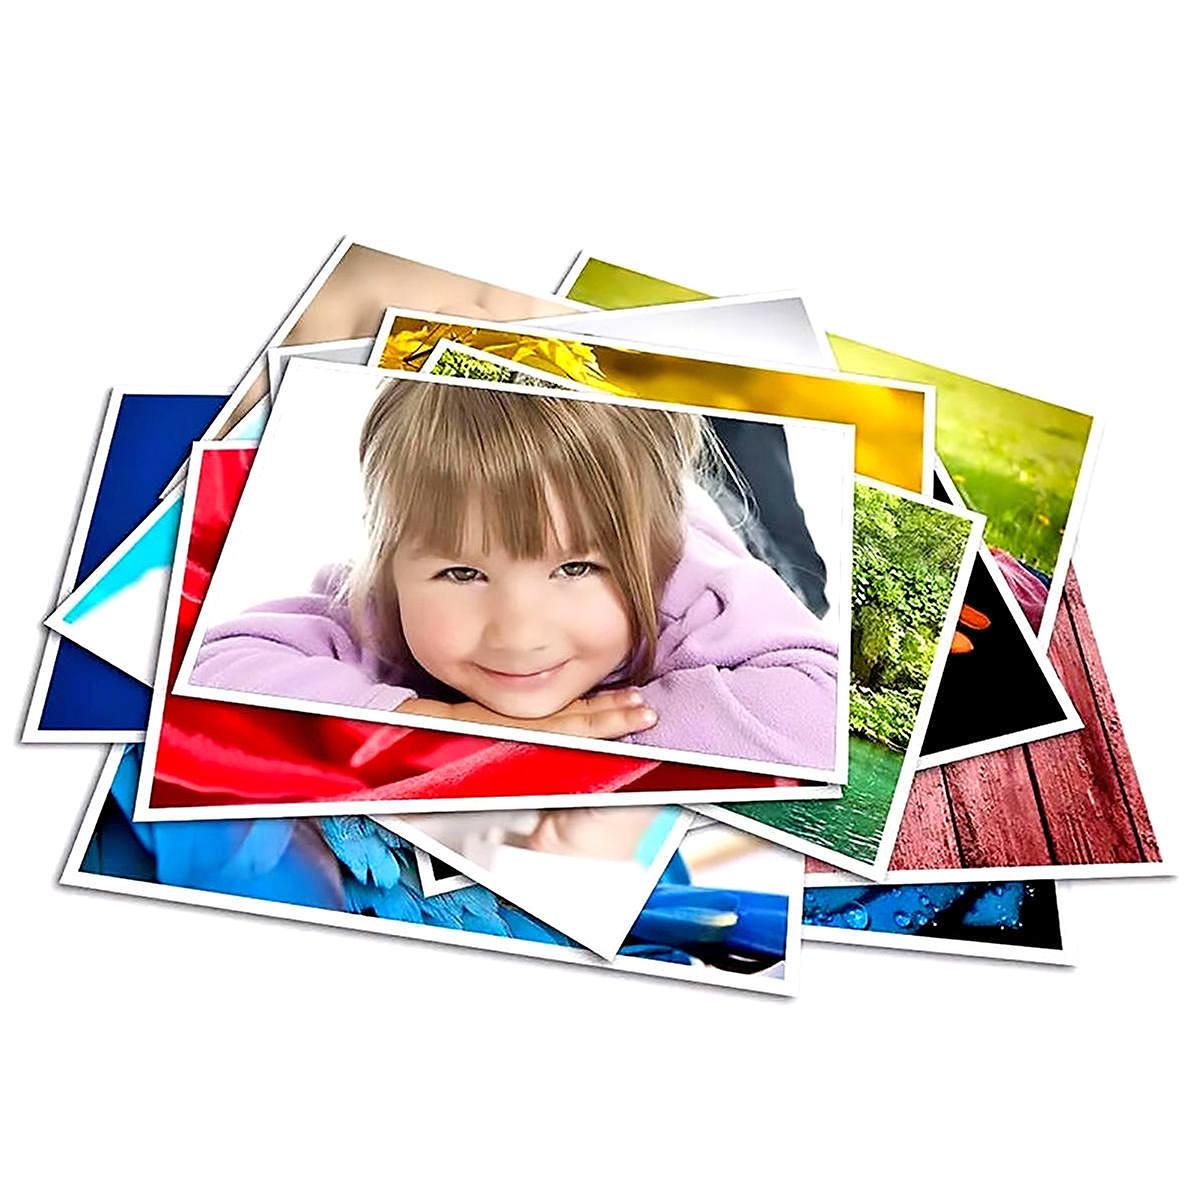 Papel Adesivo Fotográfico 80g A4 Glossy Branco Brilhante Resistente à Água / 100 folhas